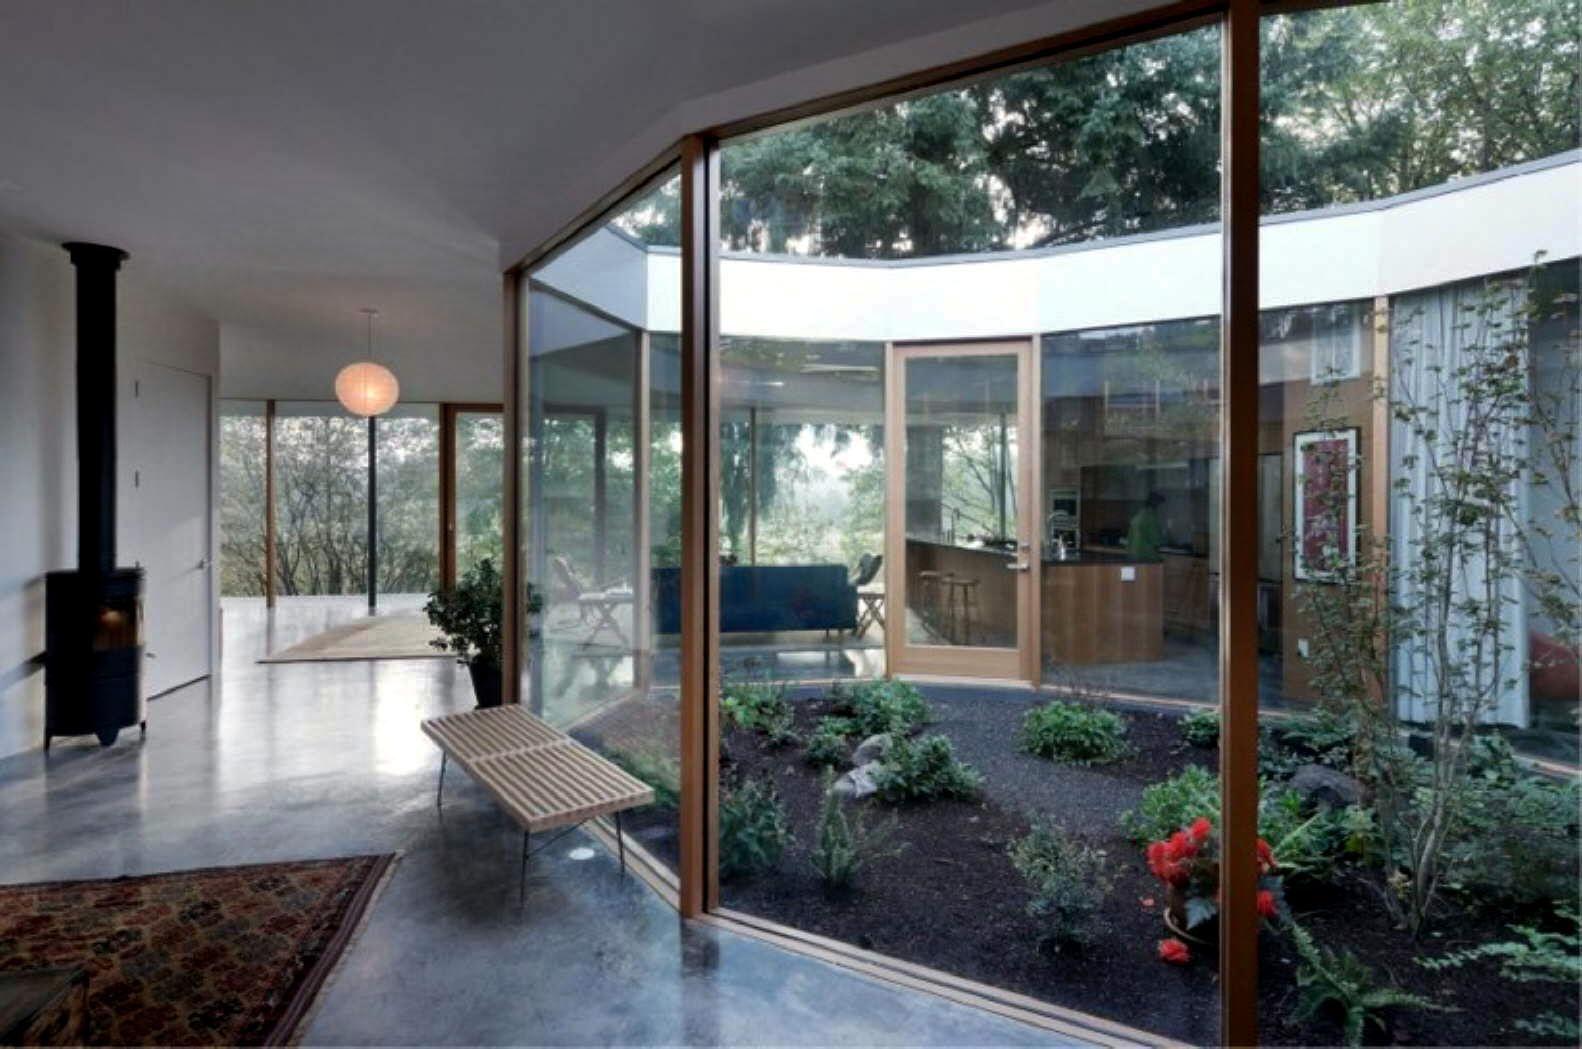 Resultado de imagen de casa con patio interior casa con patio pinterest casa con patio - Planos de casas con patio interior ...